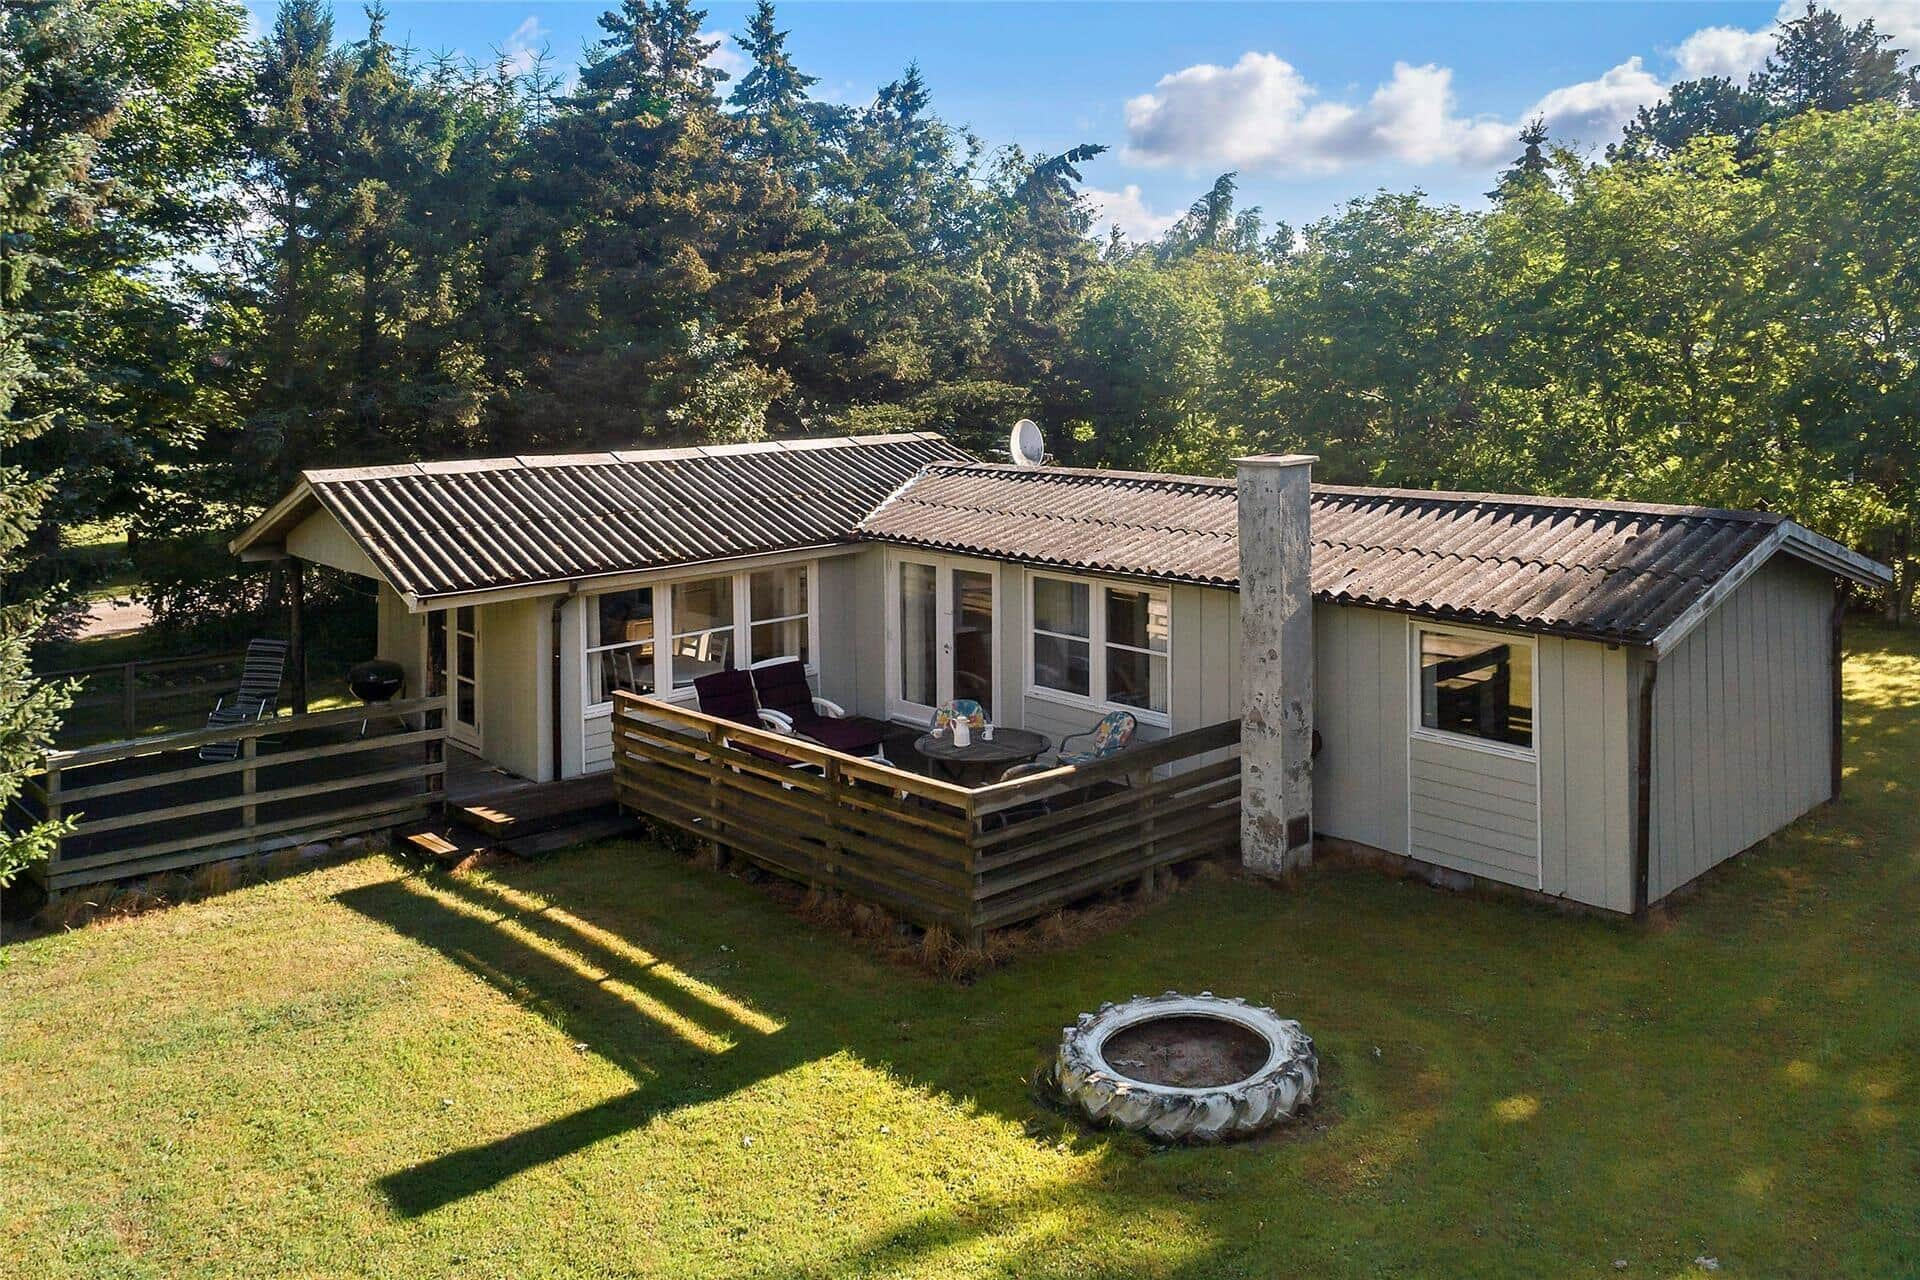 Bild 1-15 Ferienhaus 3001, Rusen 29, DK - 4780 Stege